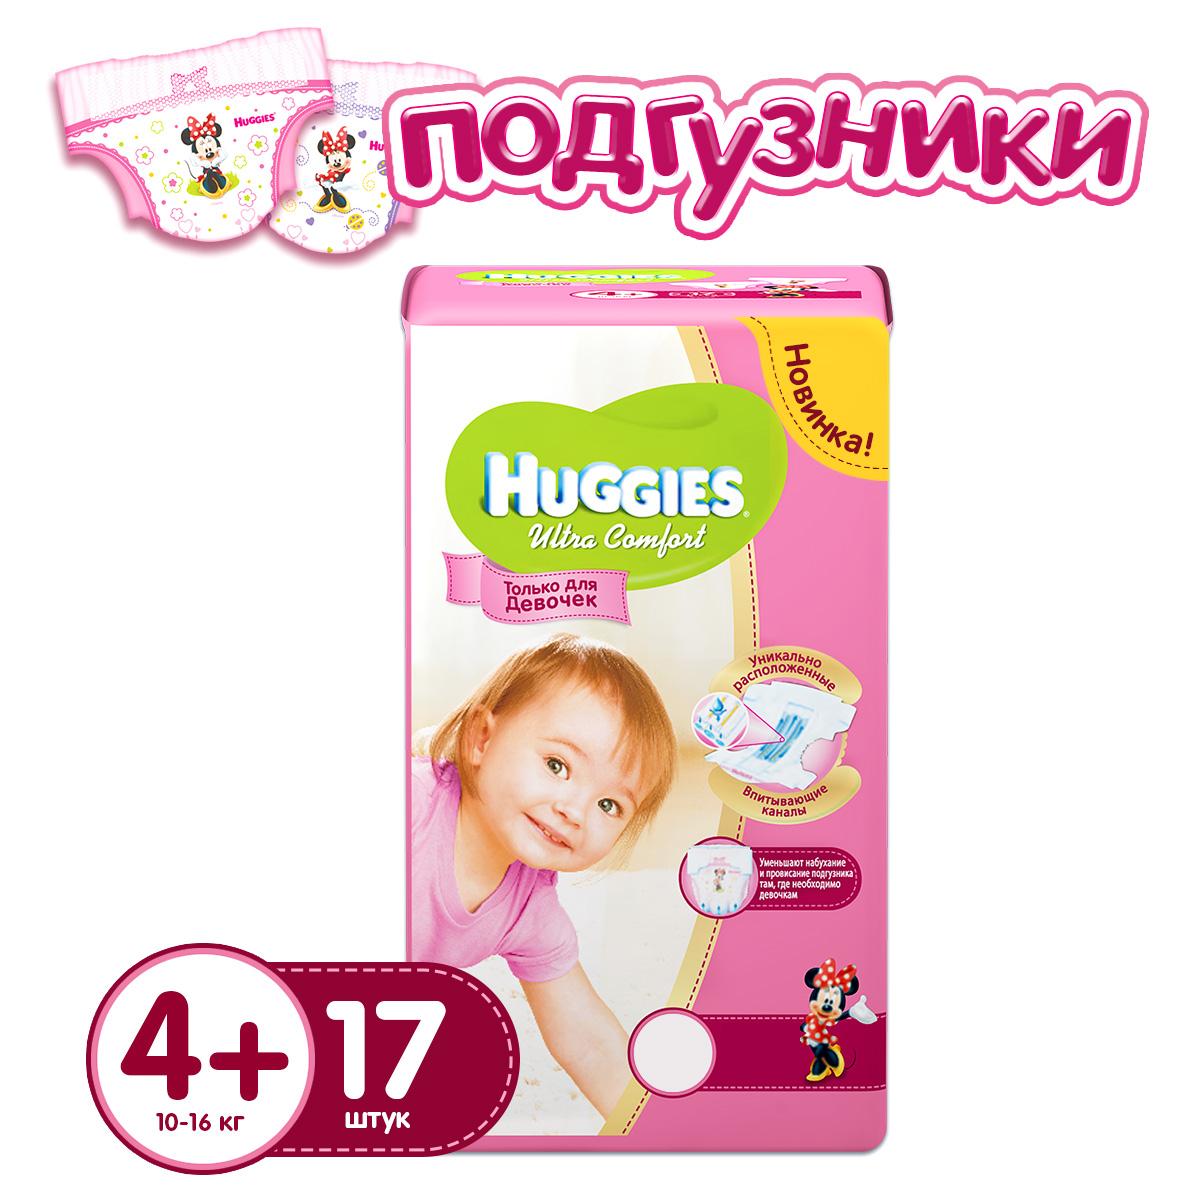 Подгузники Huggies Ultra Comfort Conv Pack для девочек 10-16 кг (17 шт) Размер 4+<br>